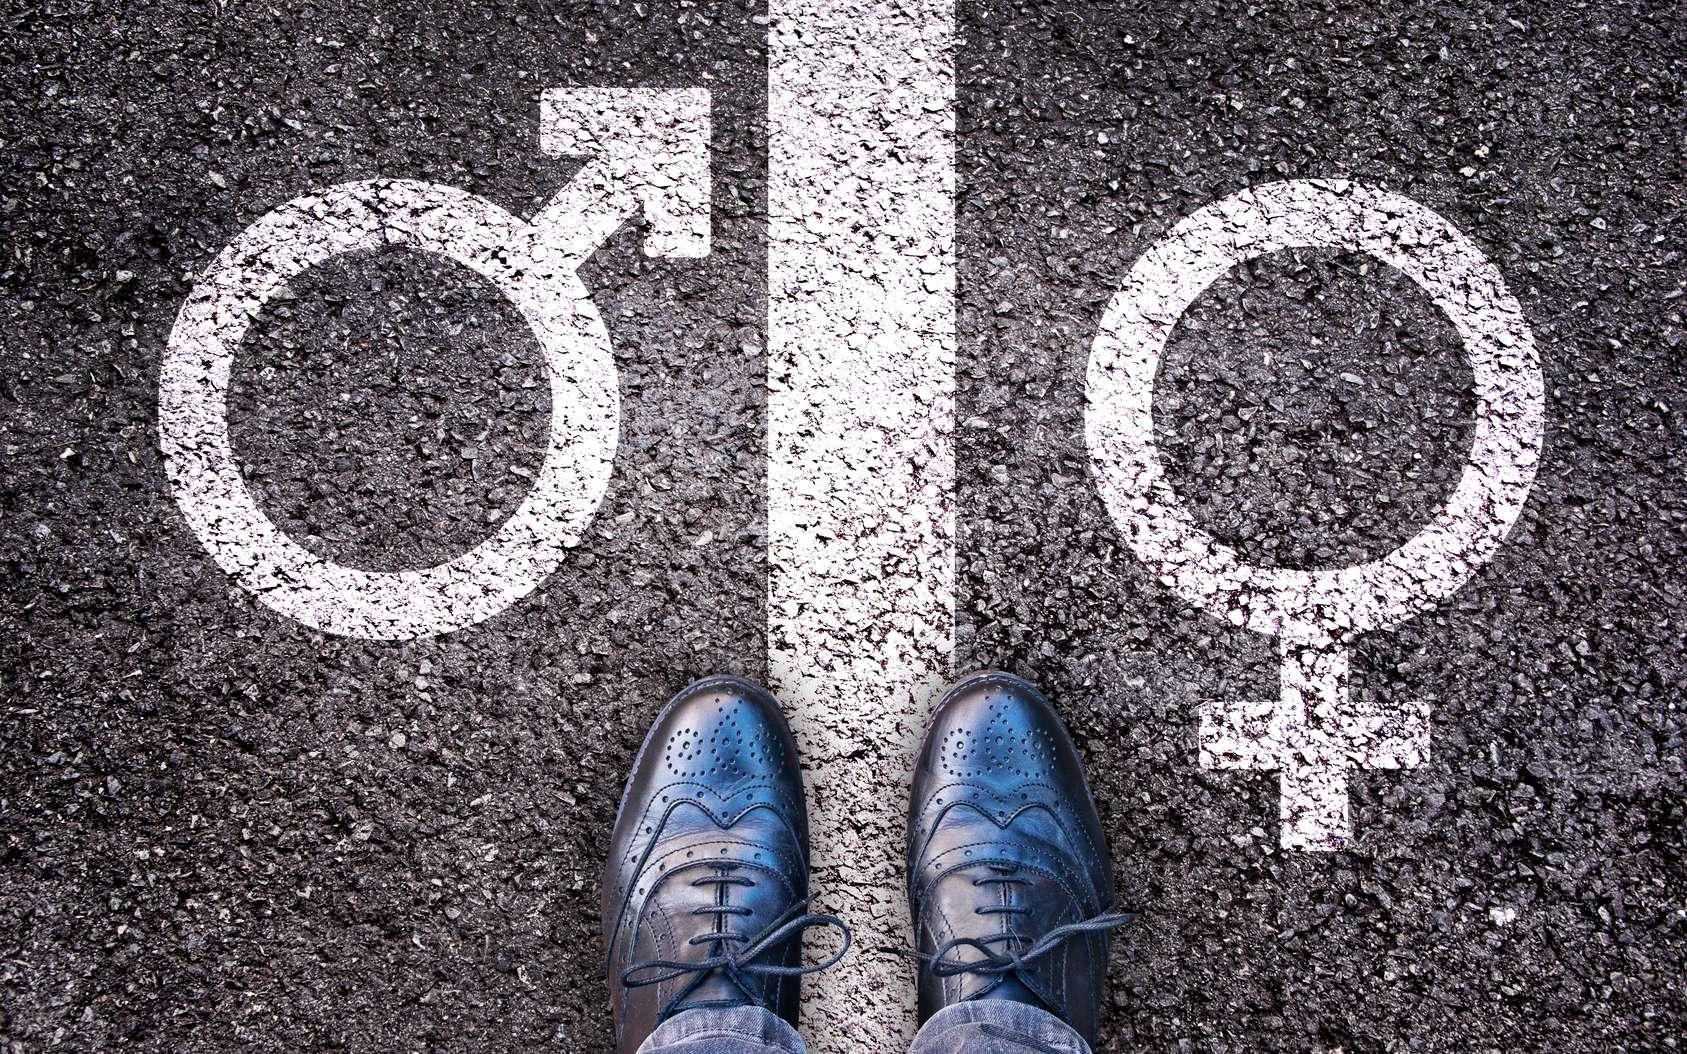 Les hommes se pensent meilleurs en science, tandis que les femmes se sous-estiment. © Delphotostock, Fotolia